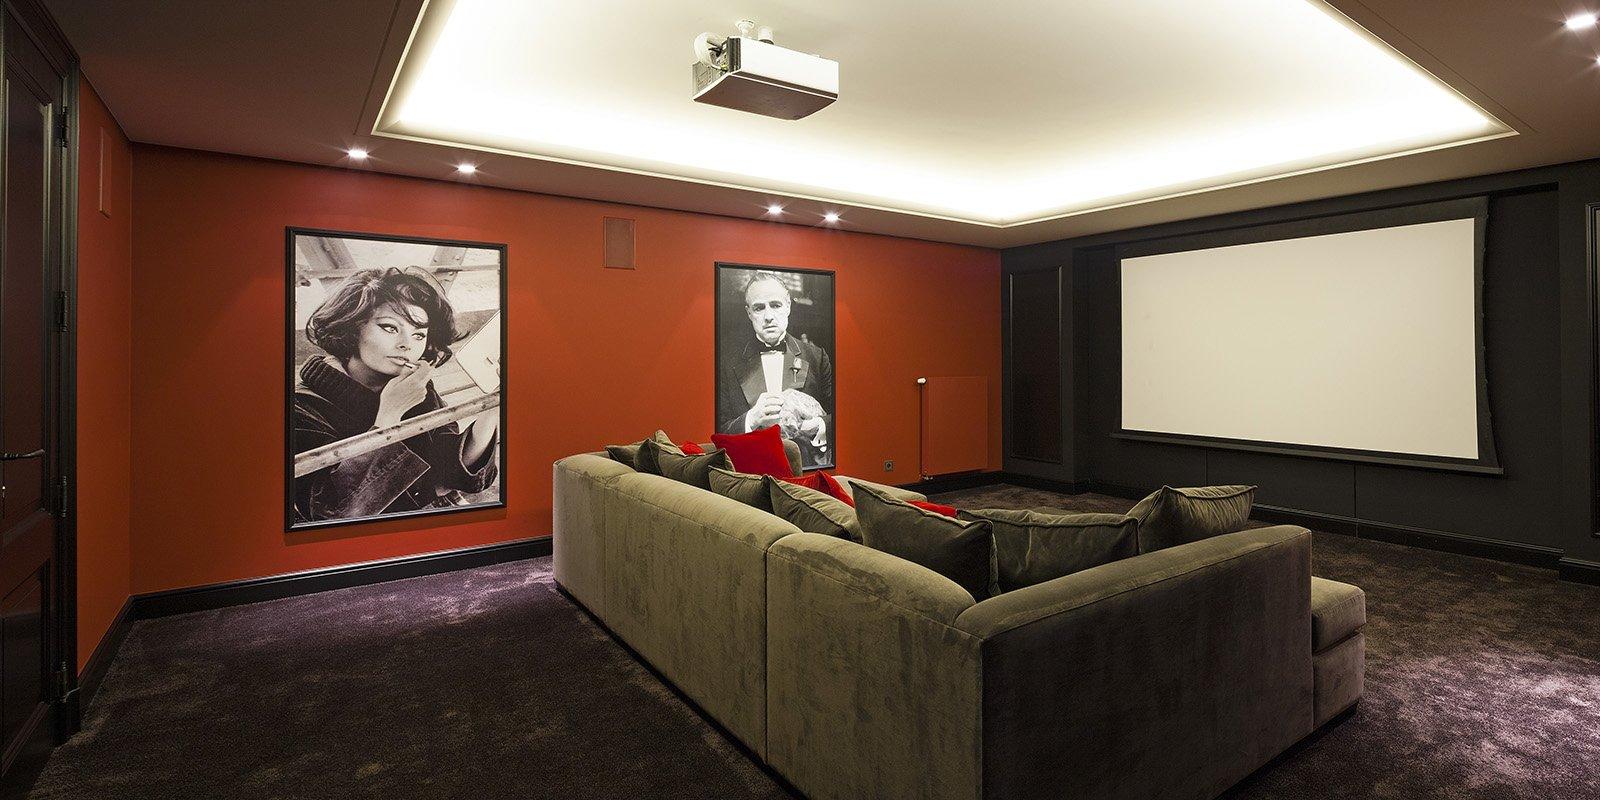 Thuis bioscoop in een moderne stijl, ontworpen door b+villas